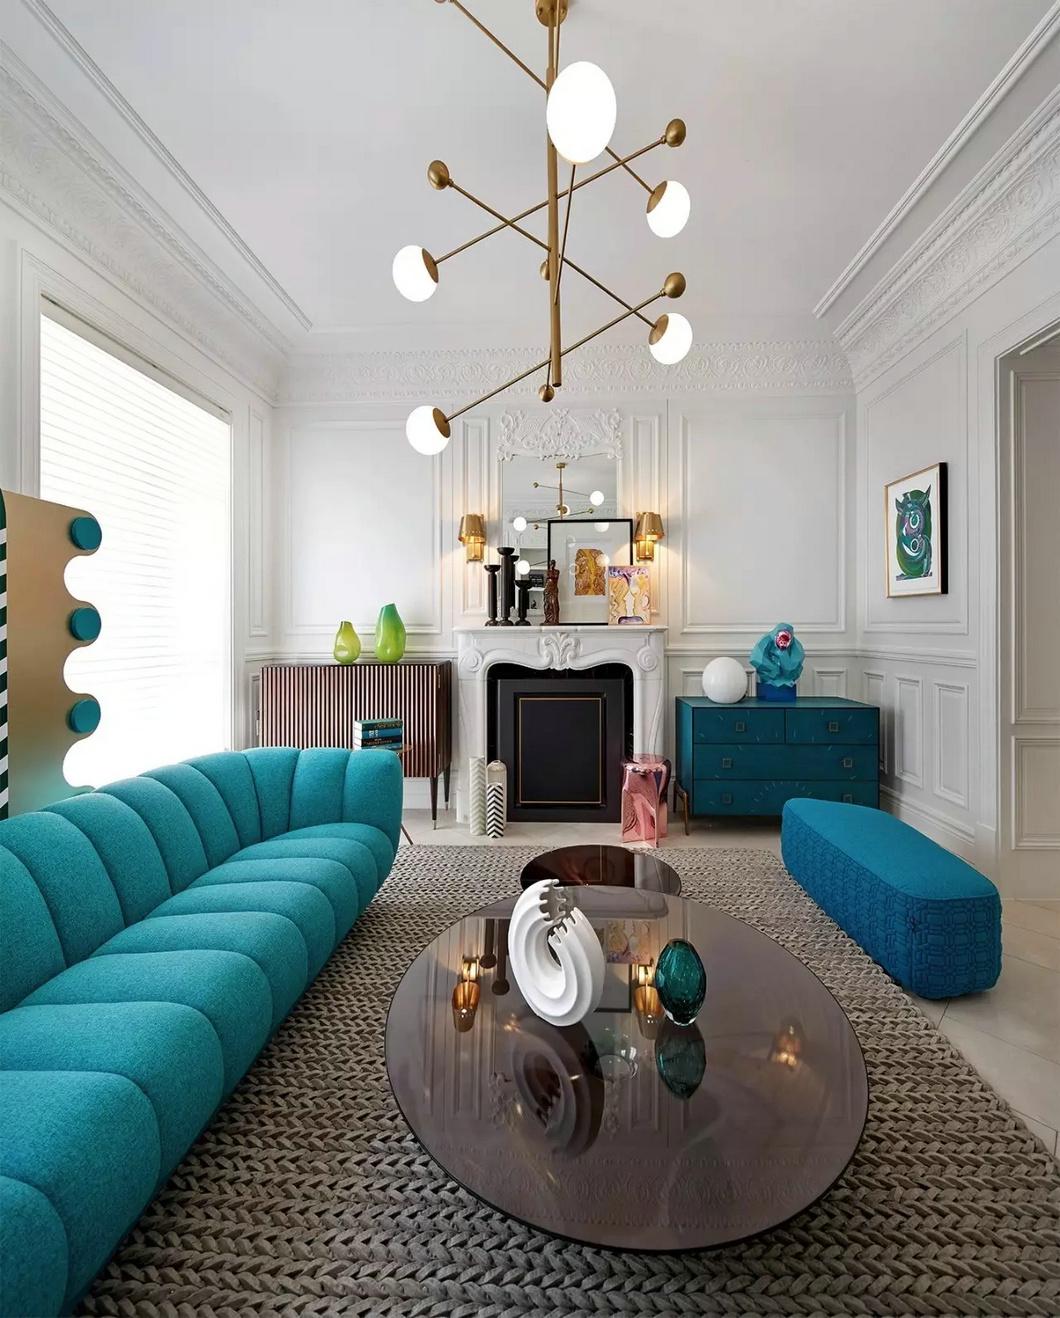 旧房改造完美蜕变客厅地毯图片